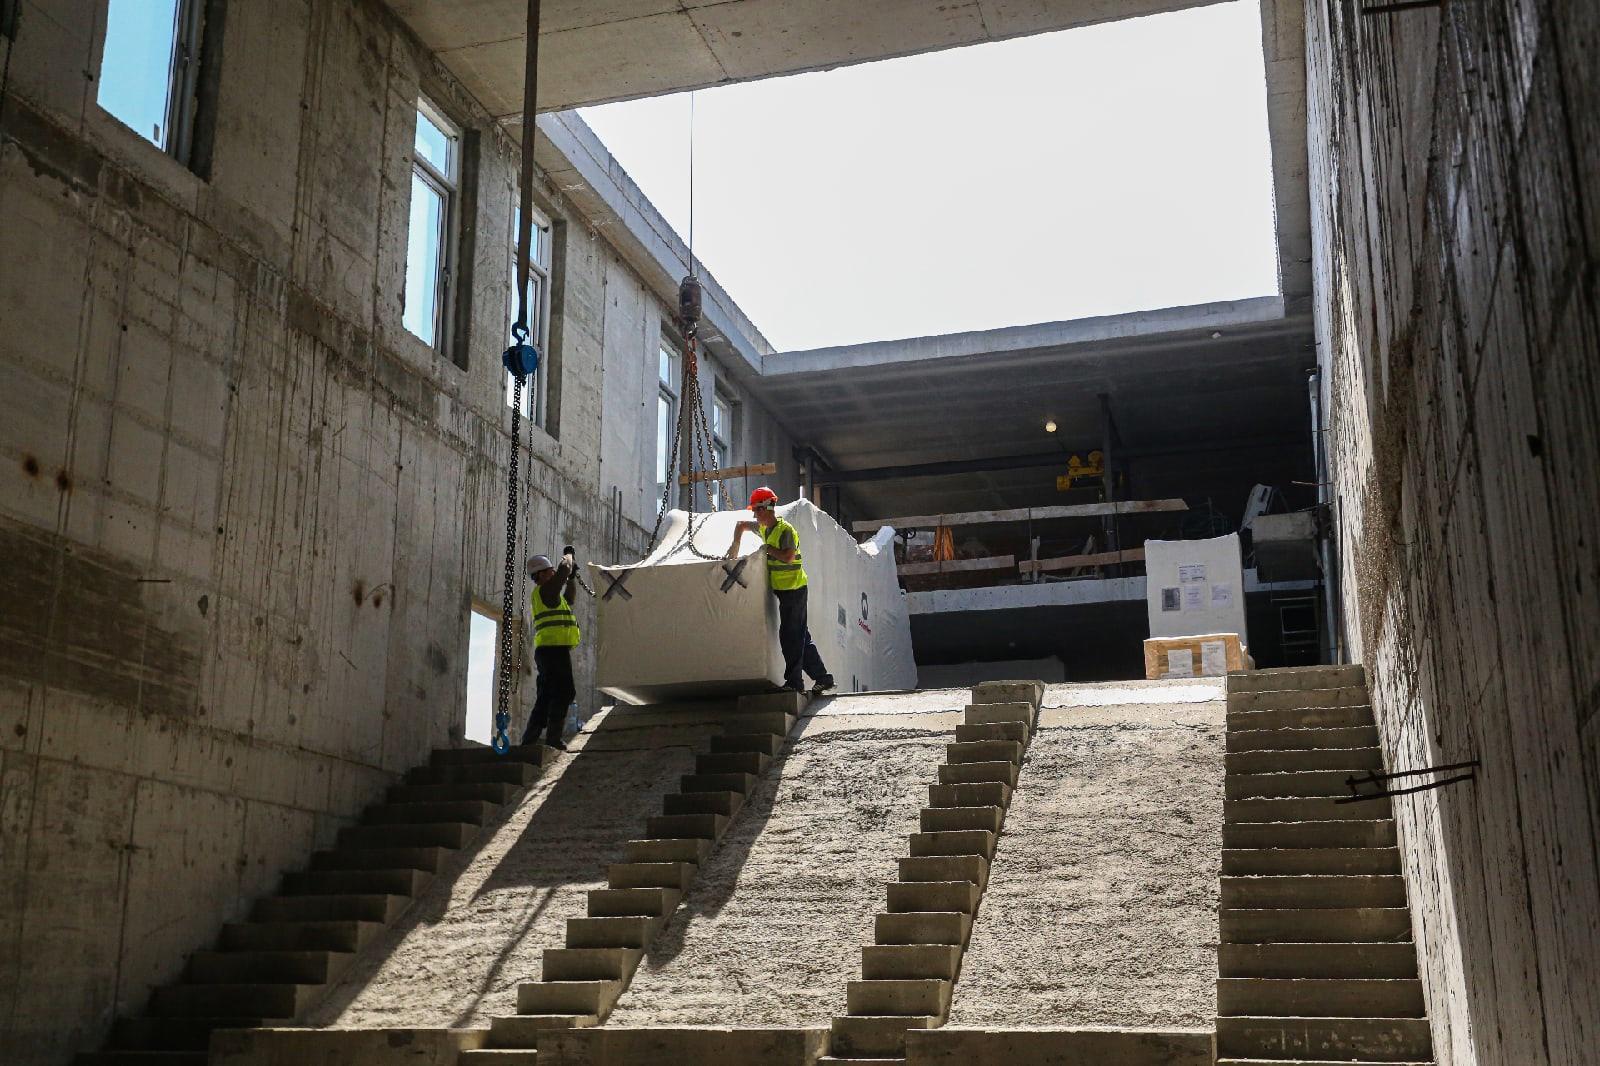 фото Проверка школ после трагедии в Казани, провал асфальта под машиной и бонусы за прививку от коронавируса: главные новости 12 мая – в одном материале 7